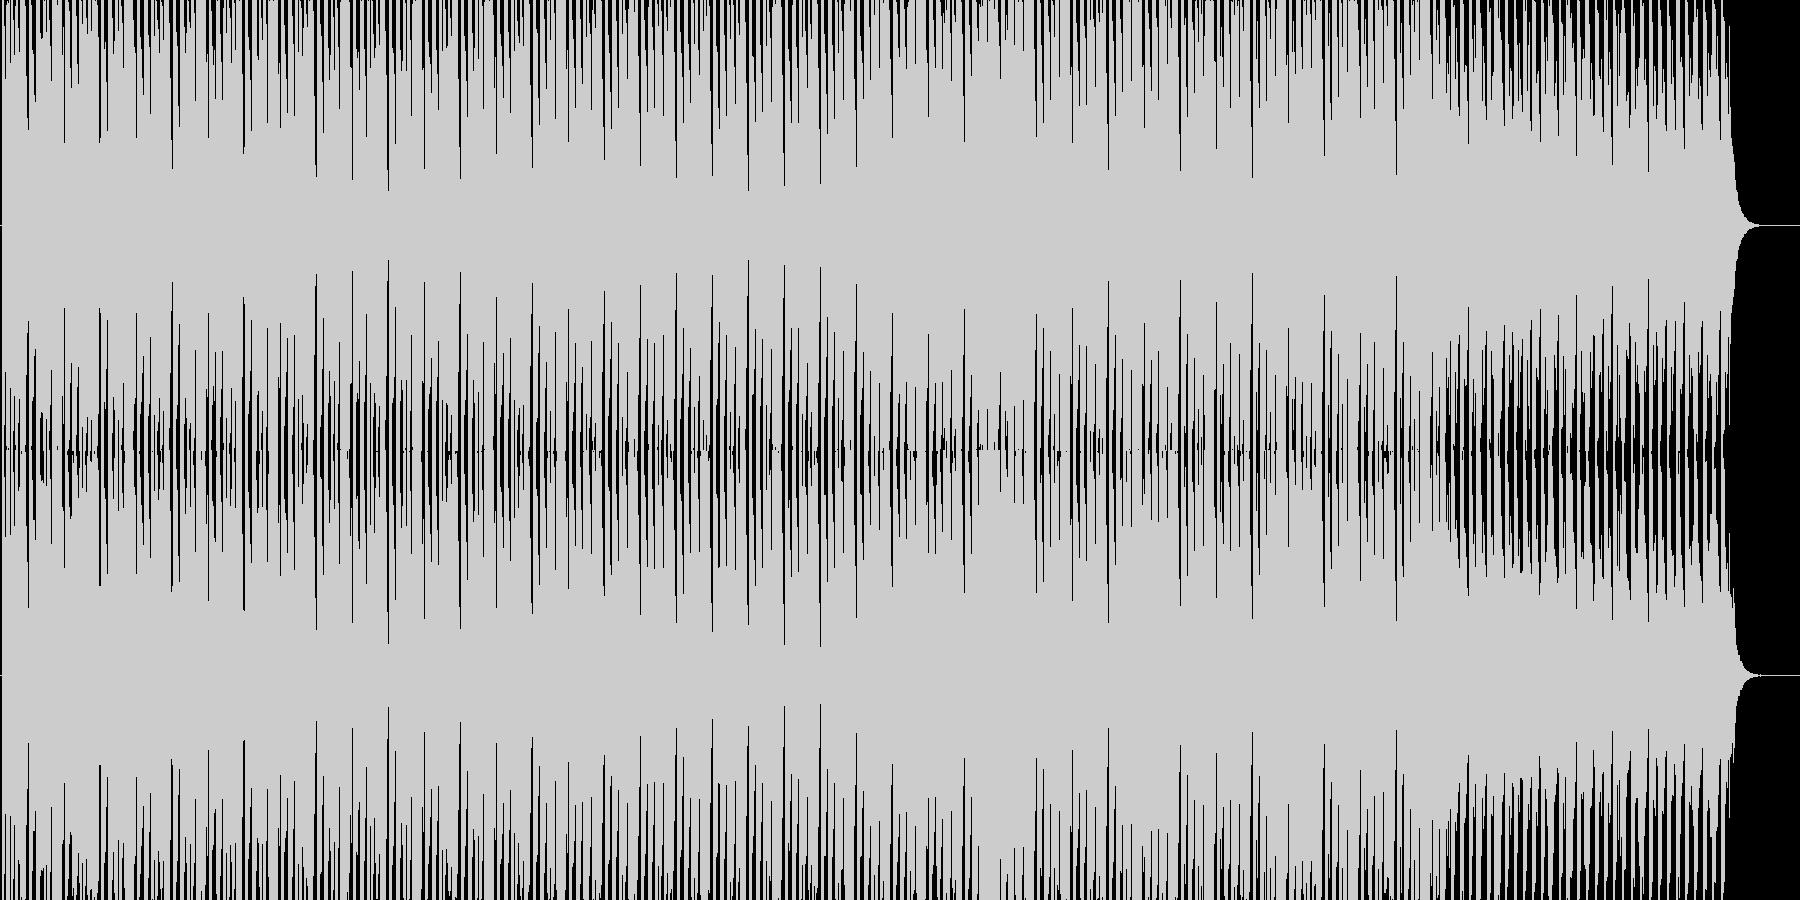 聴き心地よいテクノサウンドの未再生の波形